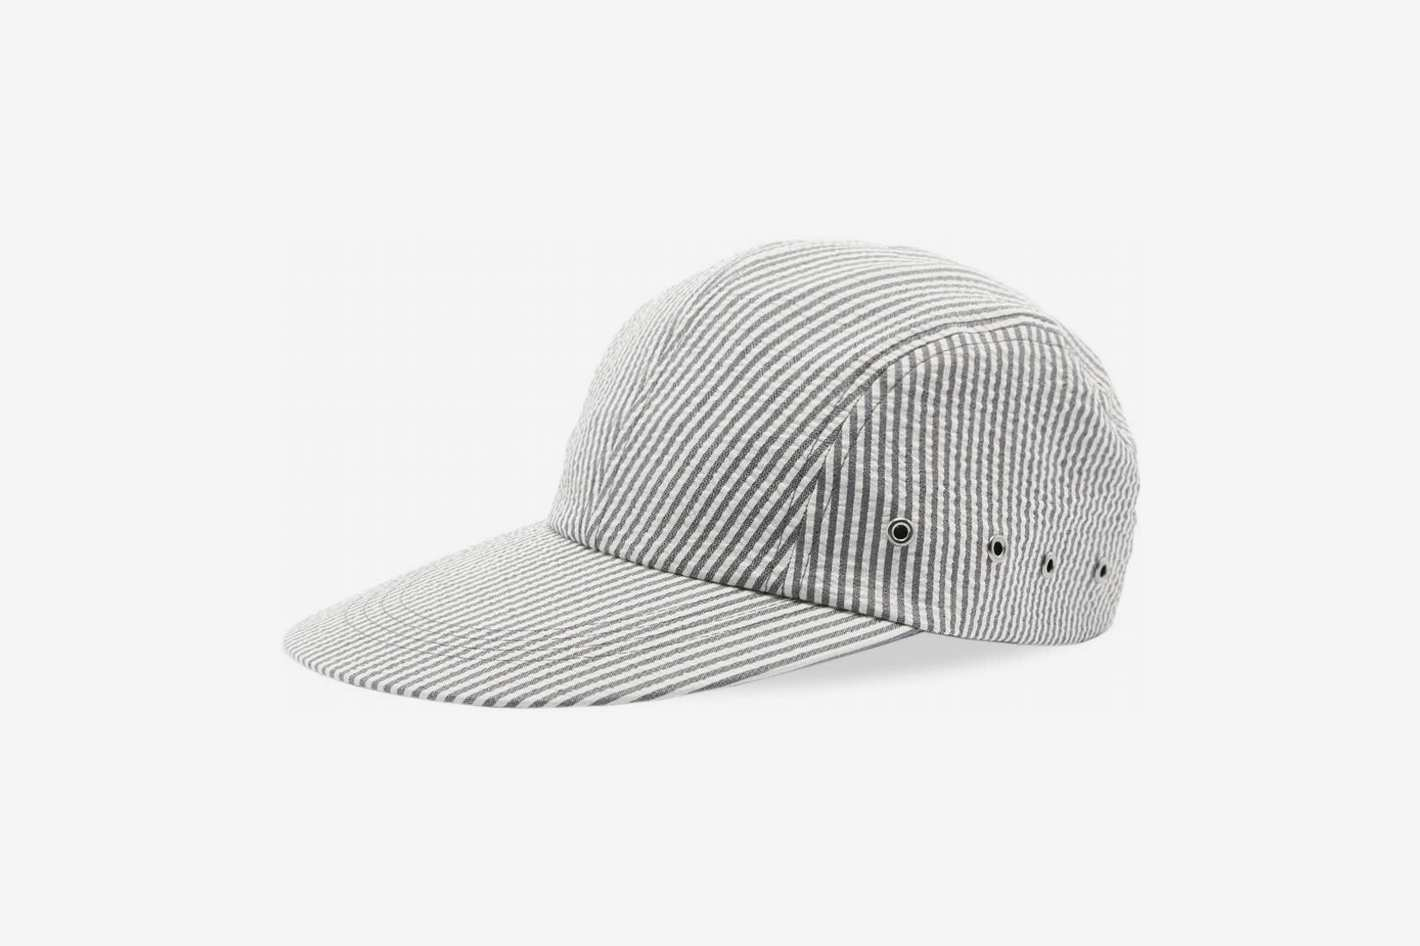 Beams Plus Seersucker Fishing Cap